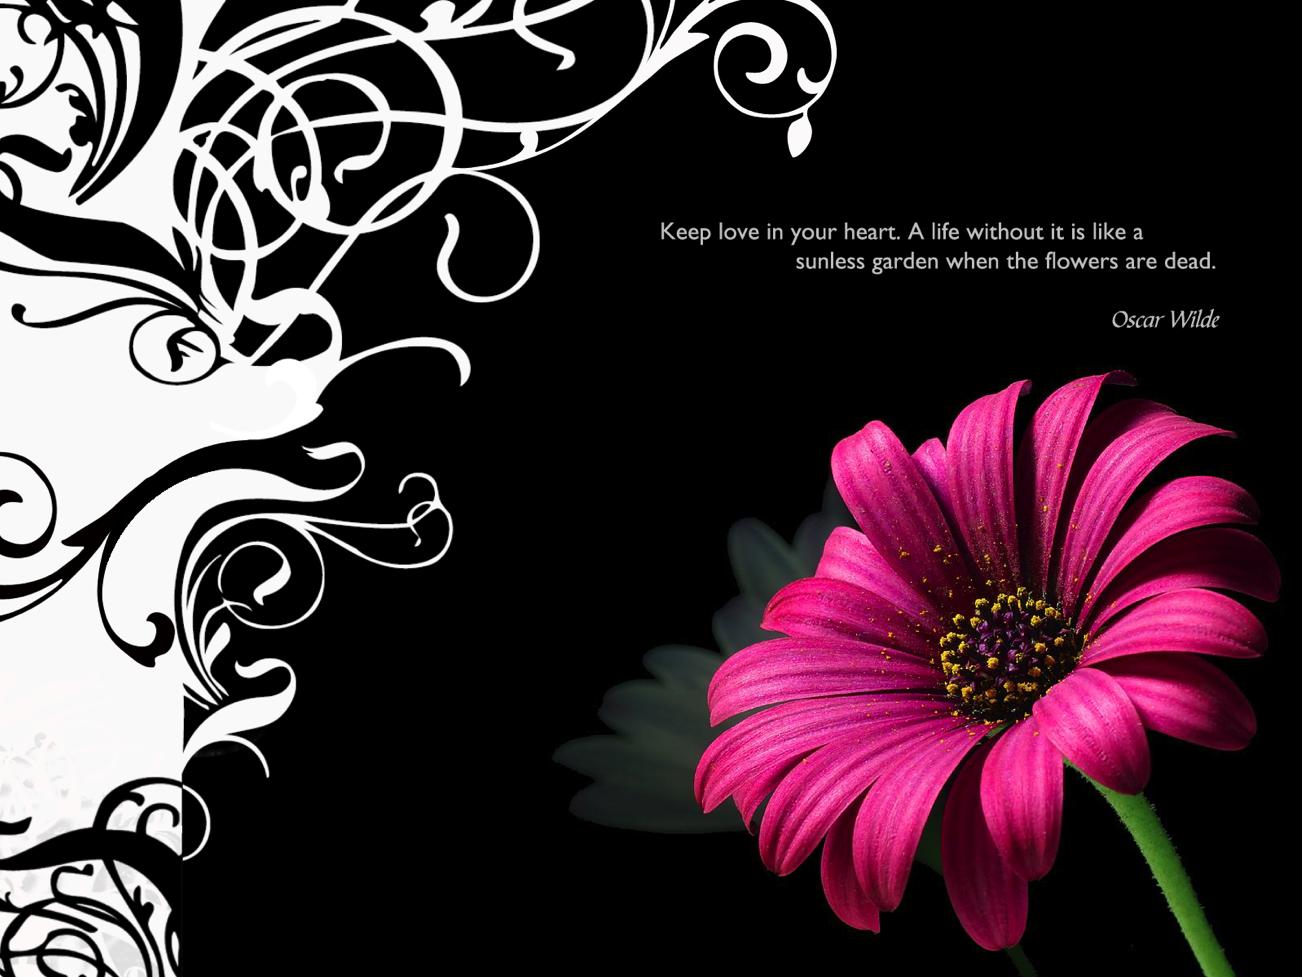 Wallpapers Screensavers at American Greetings 1302x977